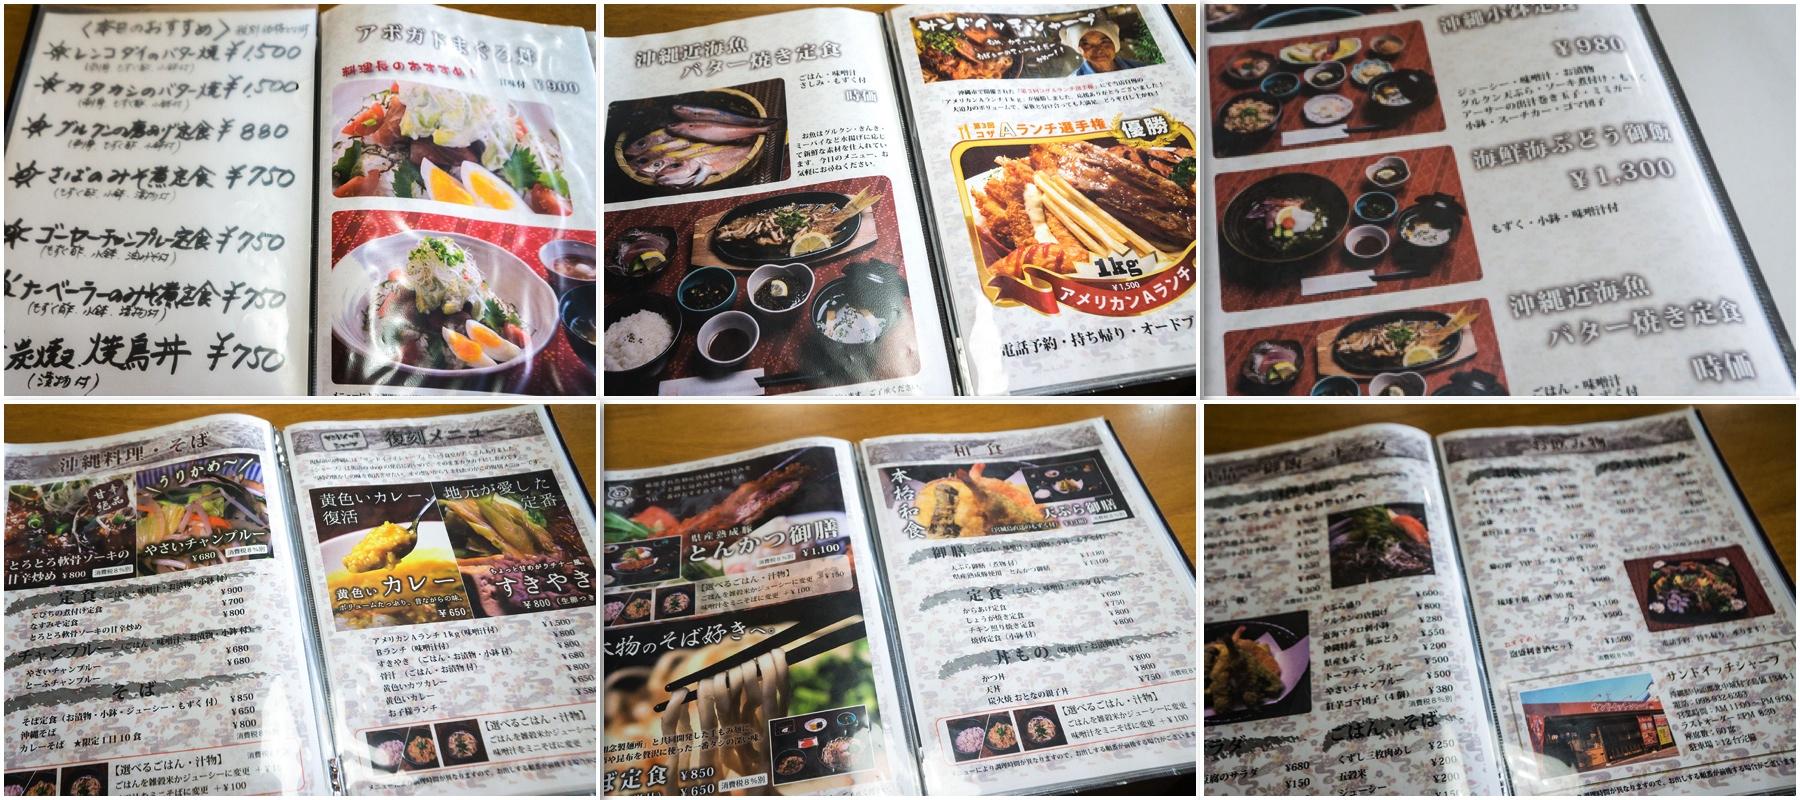 menu_collage_sandwichsharpe.jpg